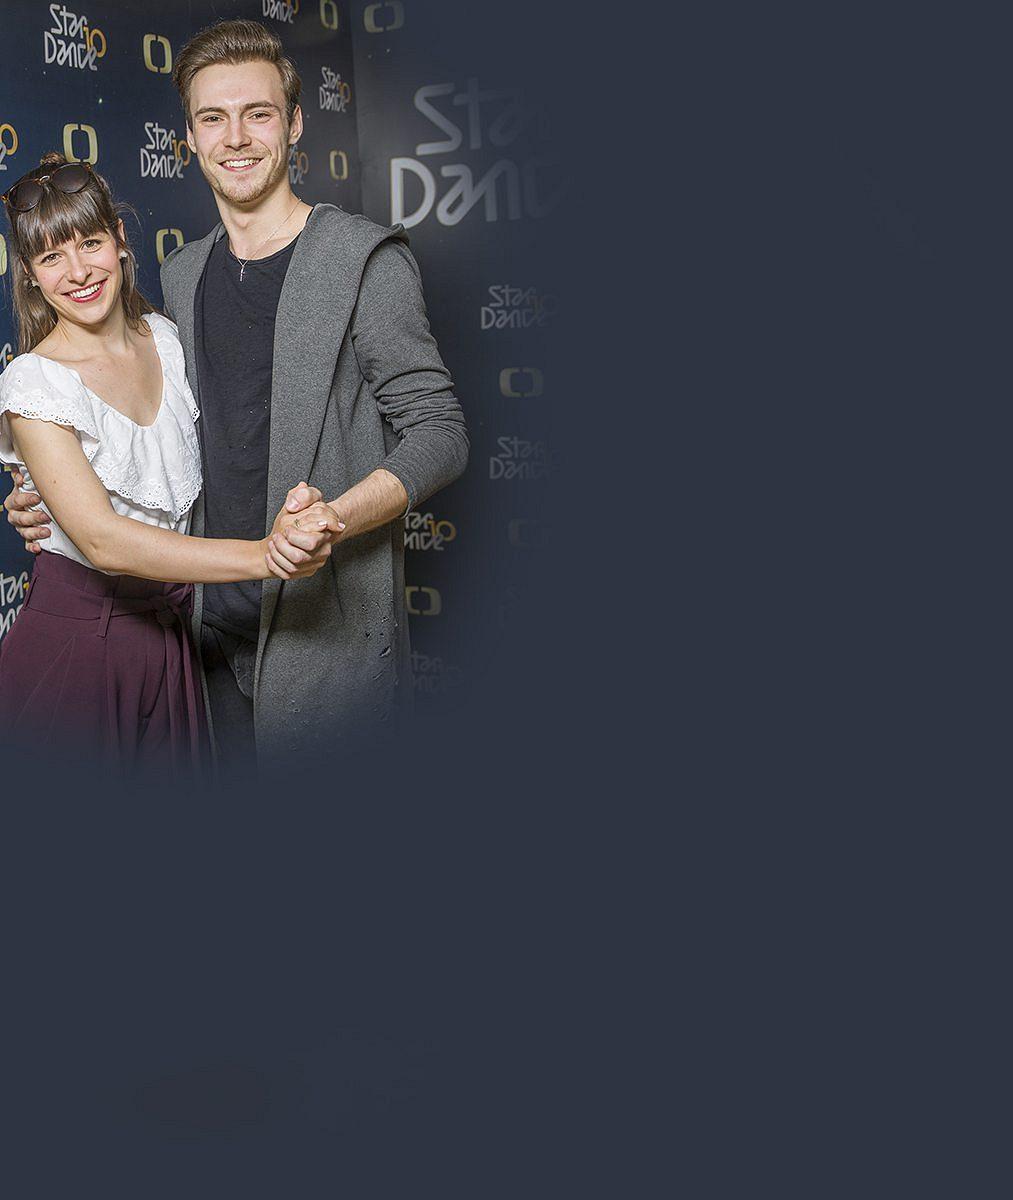 StarDance zná další soutěžící: Boky vtaneční show rozvlní půvabná pohádková princezna